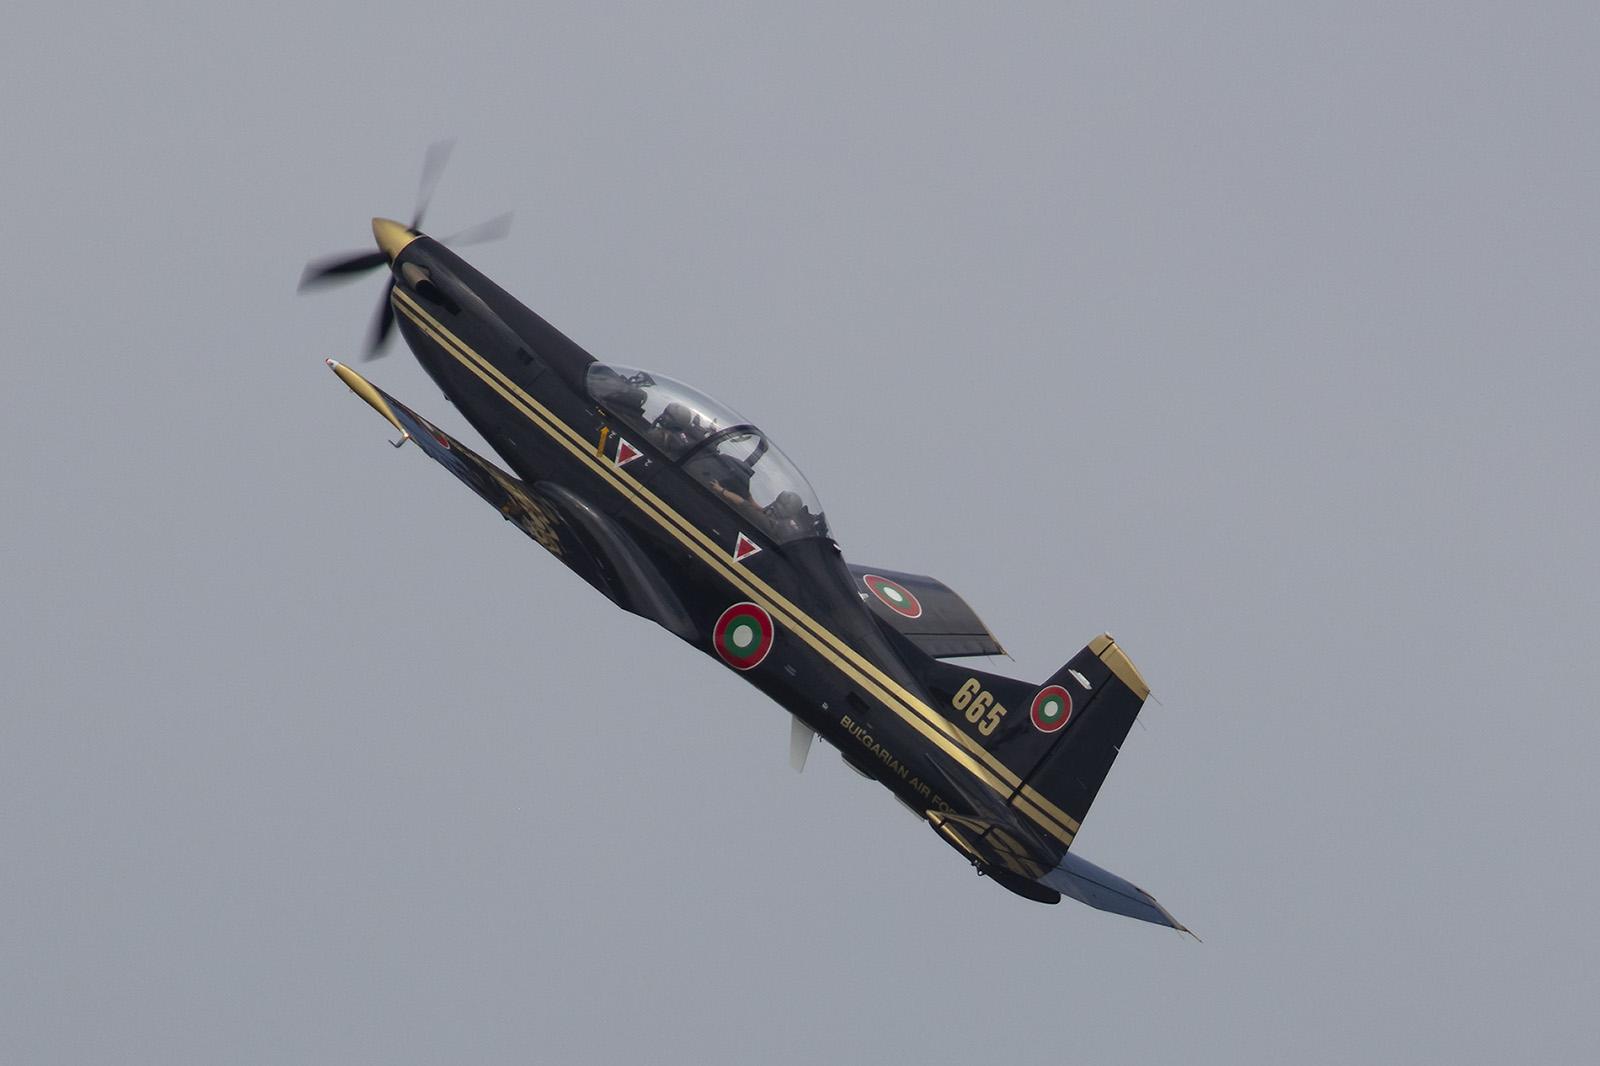 Die PC-9 wird von  vielen Luftwaffen der Welt eingesetzt und eignet sich sehr gut für den Kunstflug.